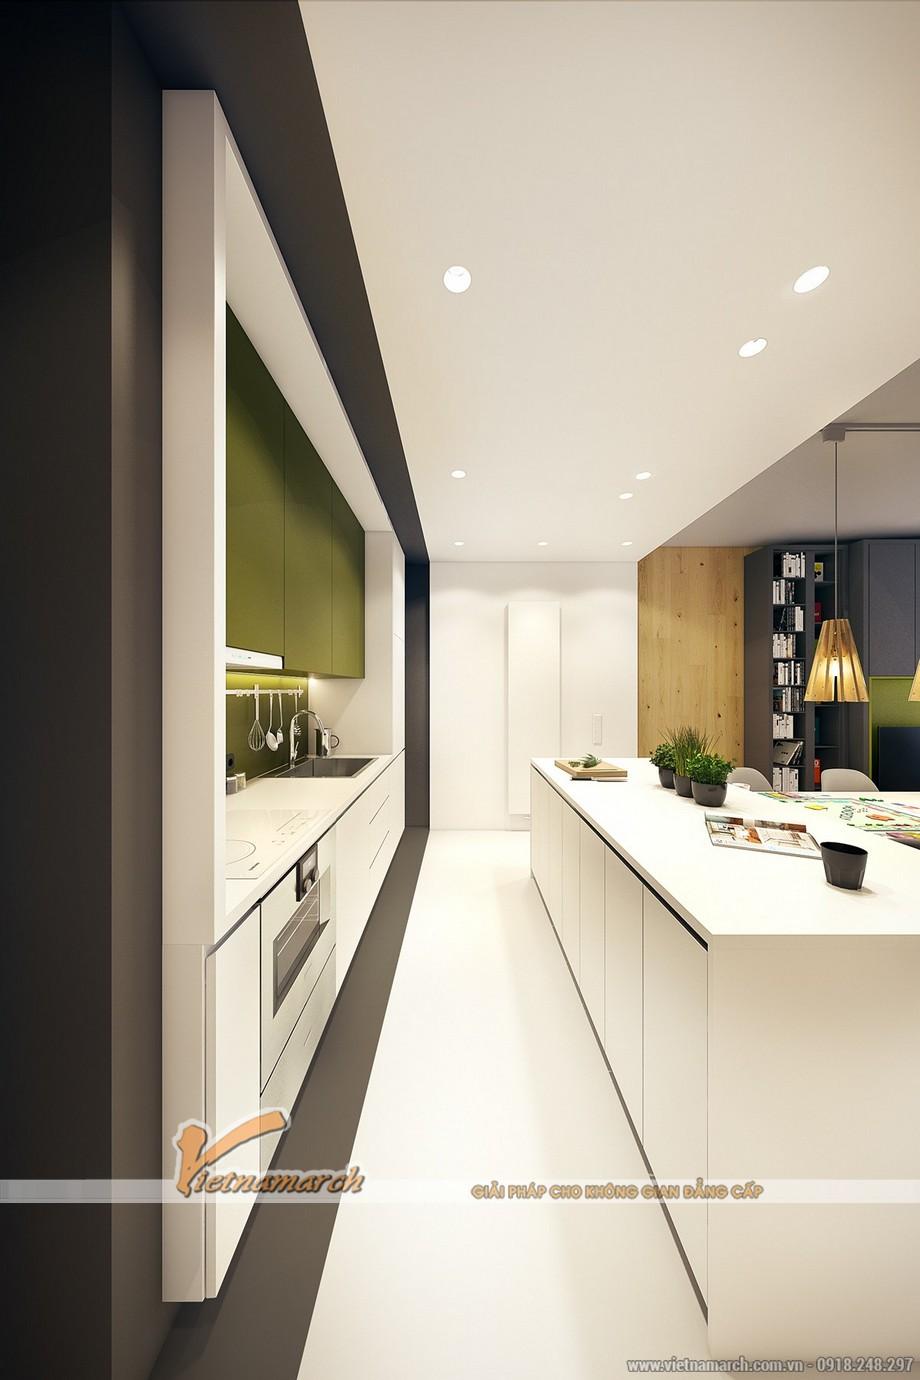 Cách pha màu tinh tế trong phòng bếp nhỏ gọn đã đánh lừa mắt nhìn của người xem